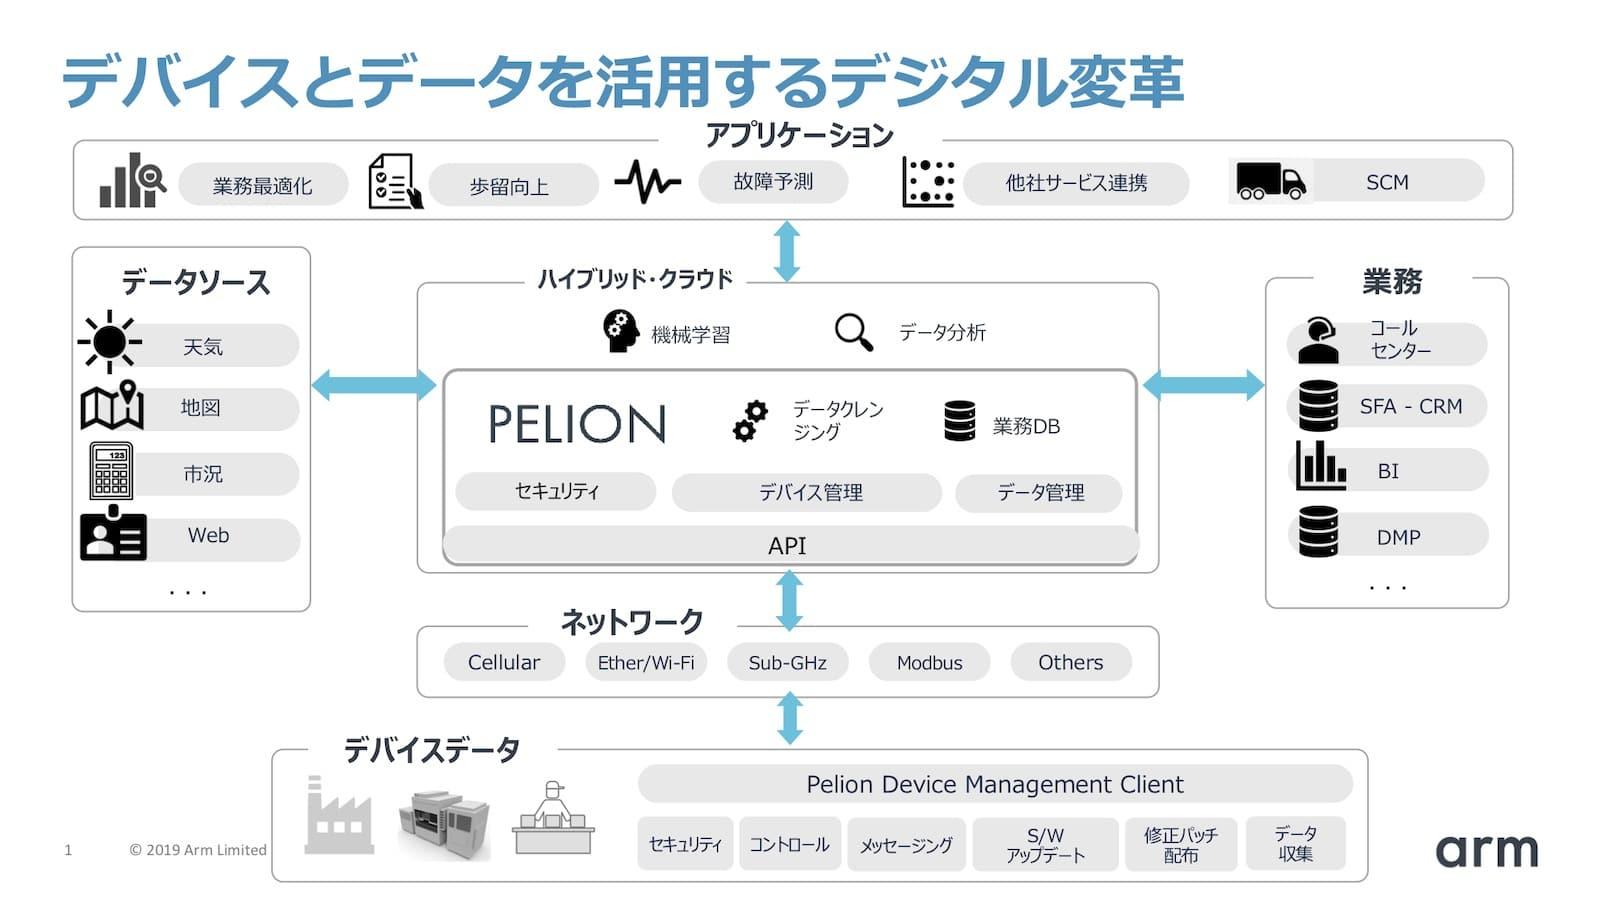 図4 IoTプラットフォームはデバイスデータを活用したデジタル変革の中核を担う(出典:アーム、トレジャーデータ)